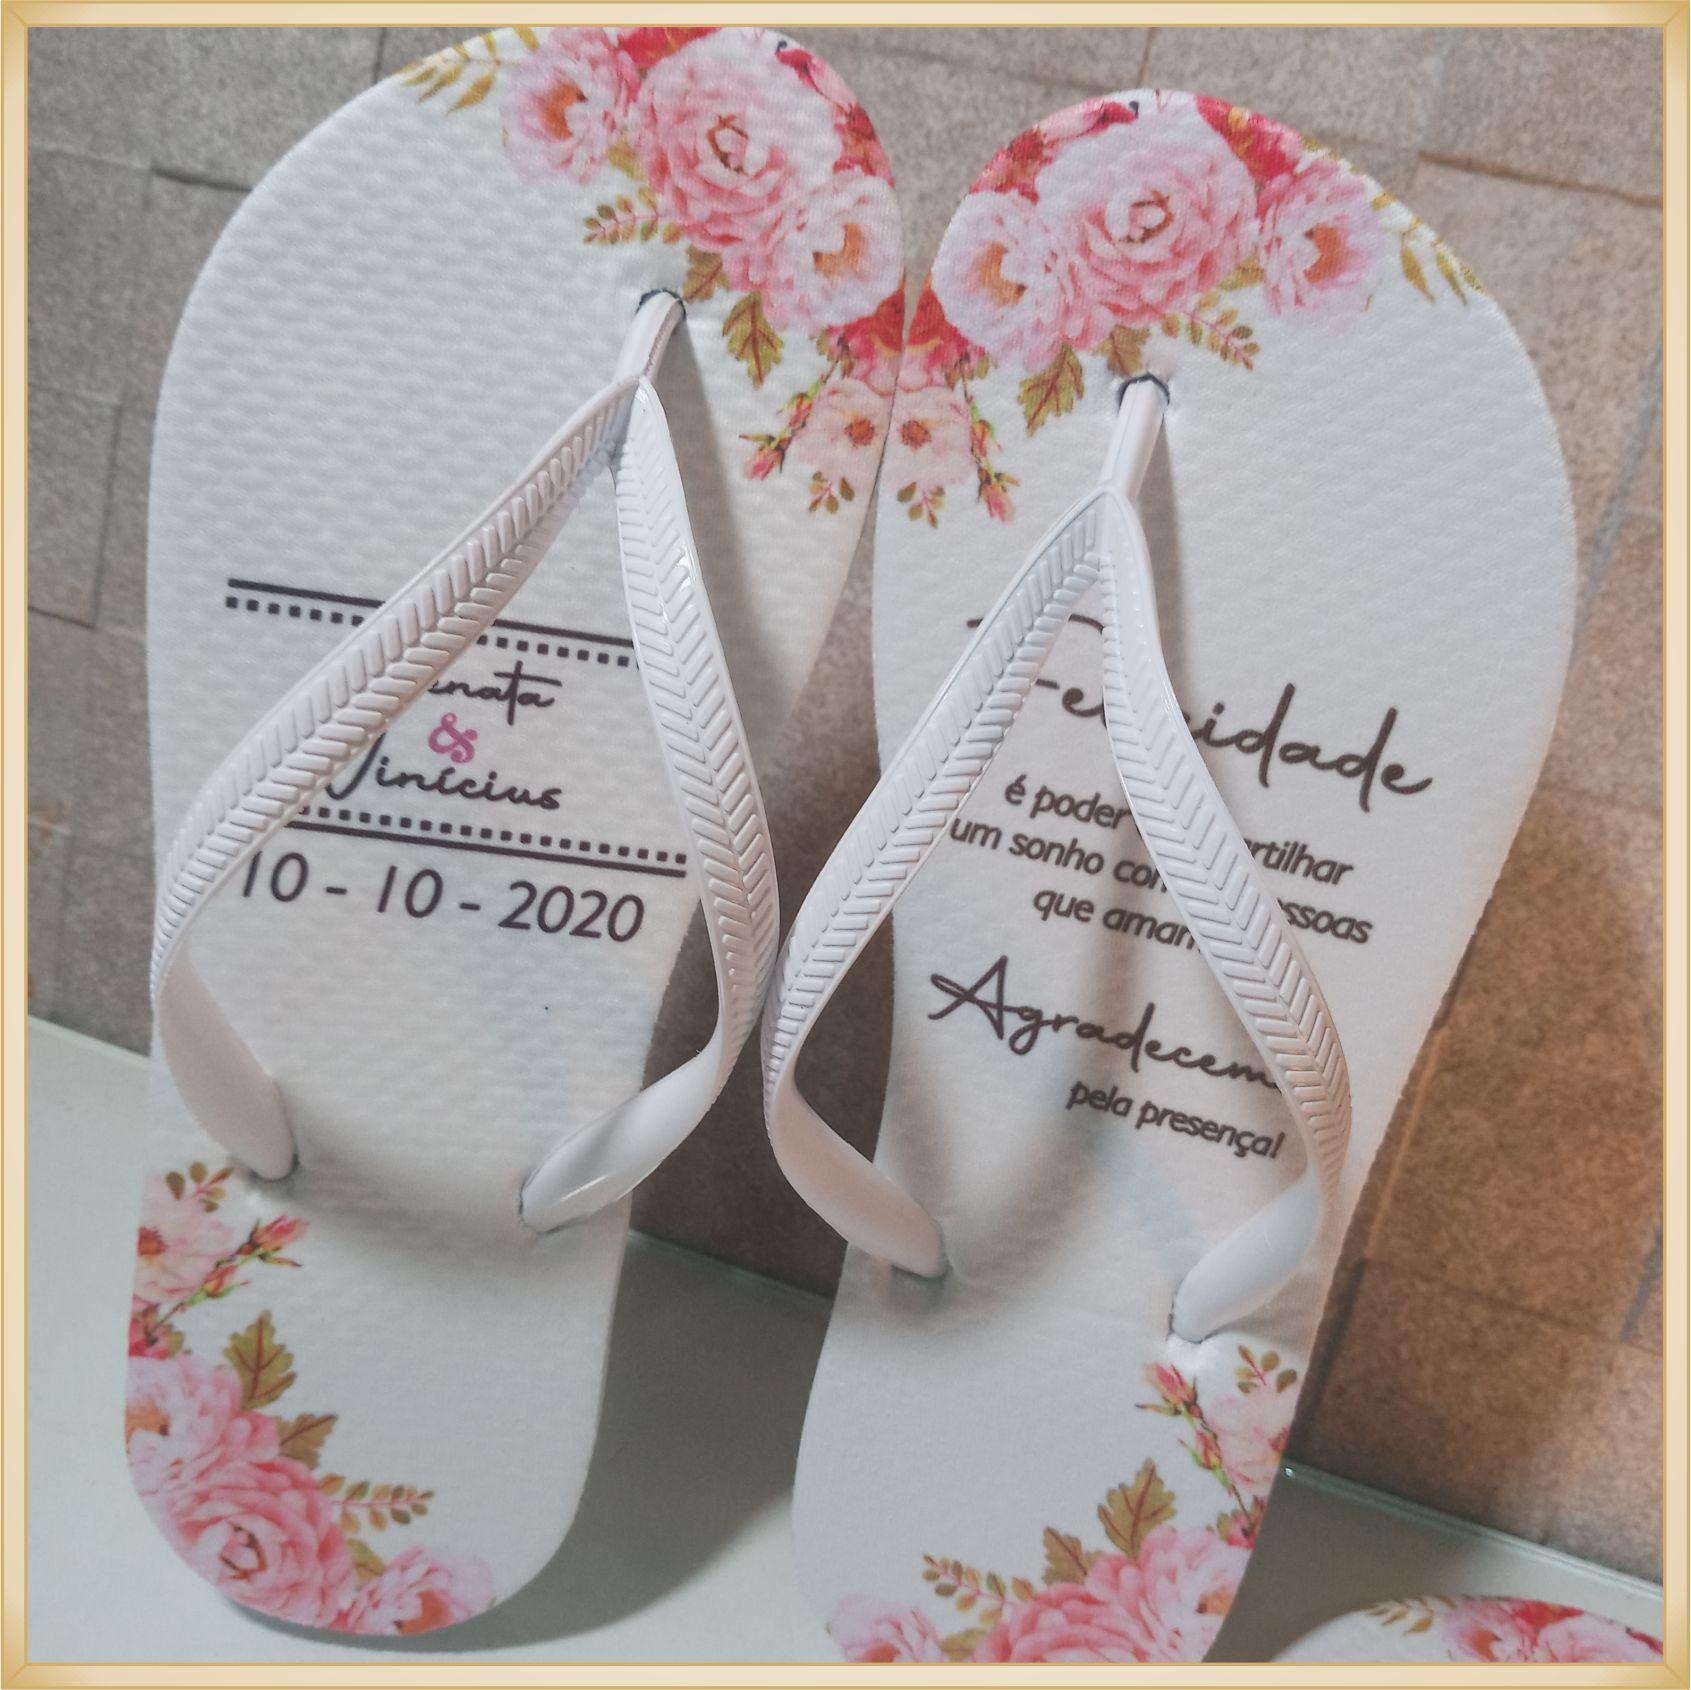 Chinelos personalizado de Casamento - solado confortável, correia sem rebarba, estampa de qualidade, cores super vivas, ótimo acabamento - kit 10 unid